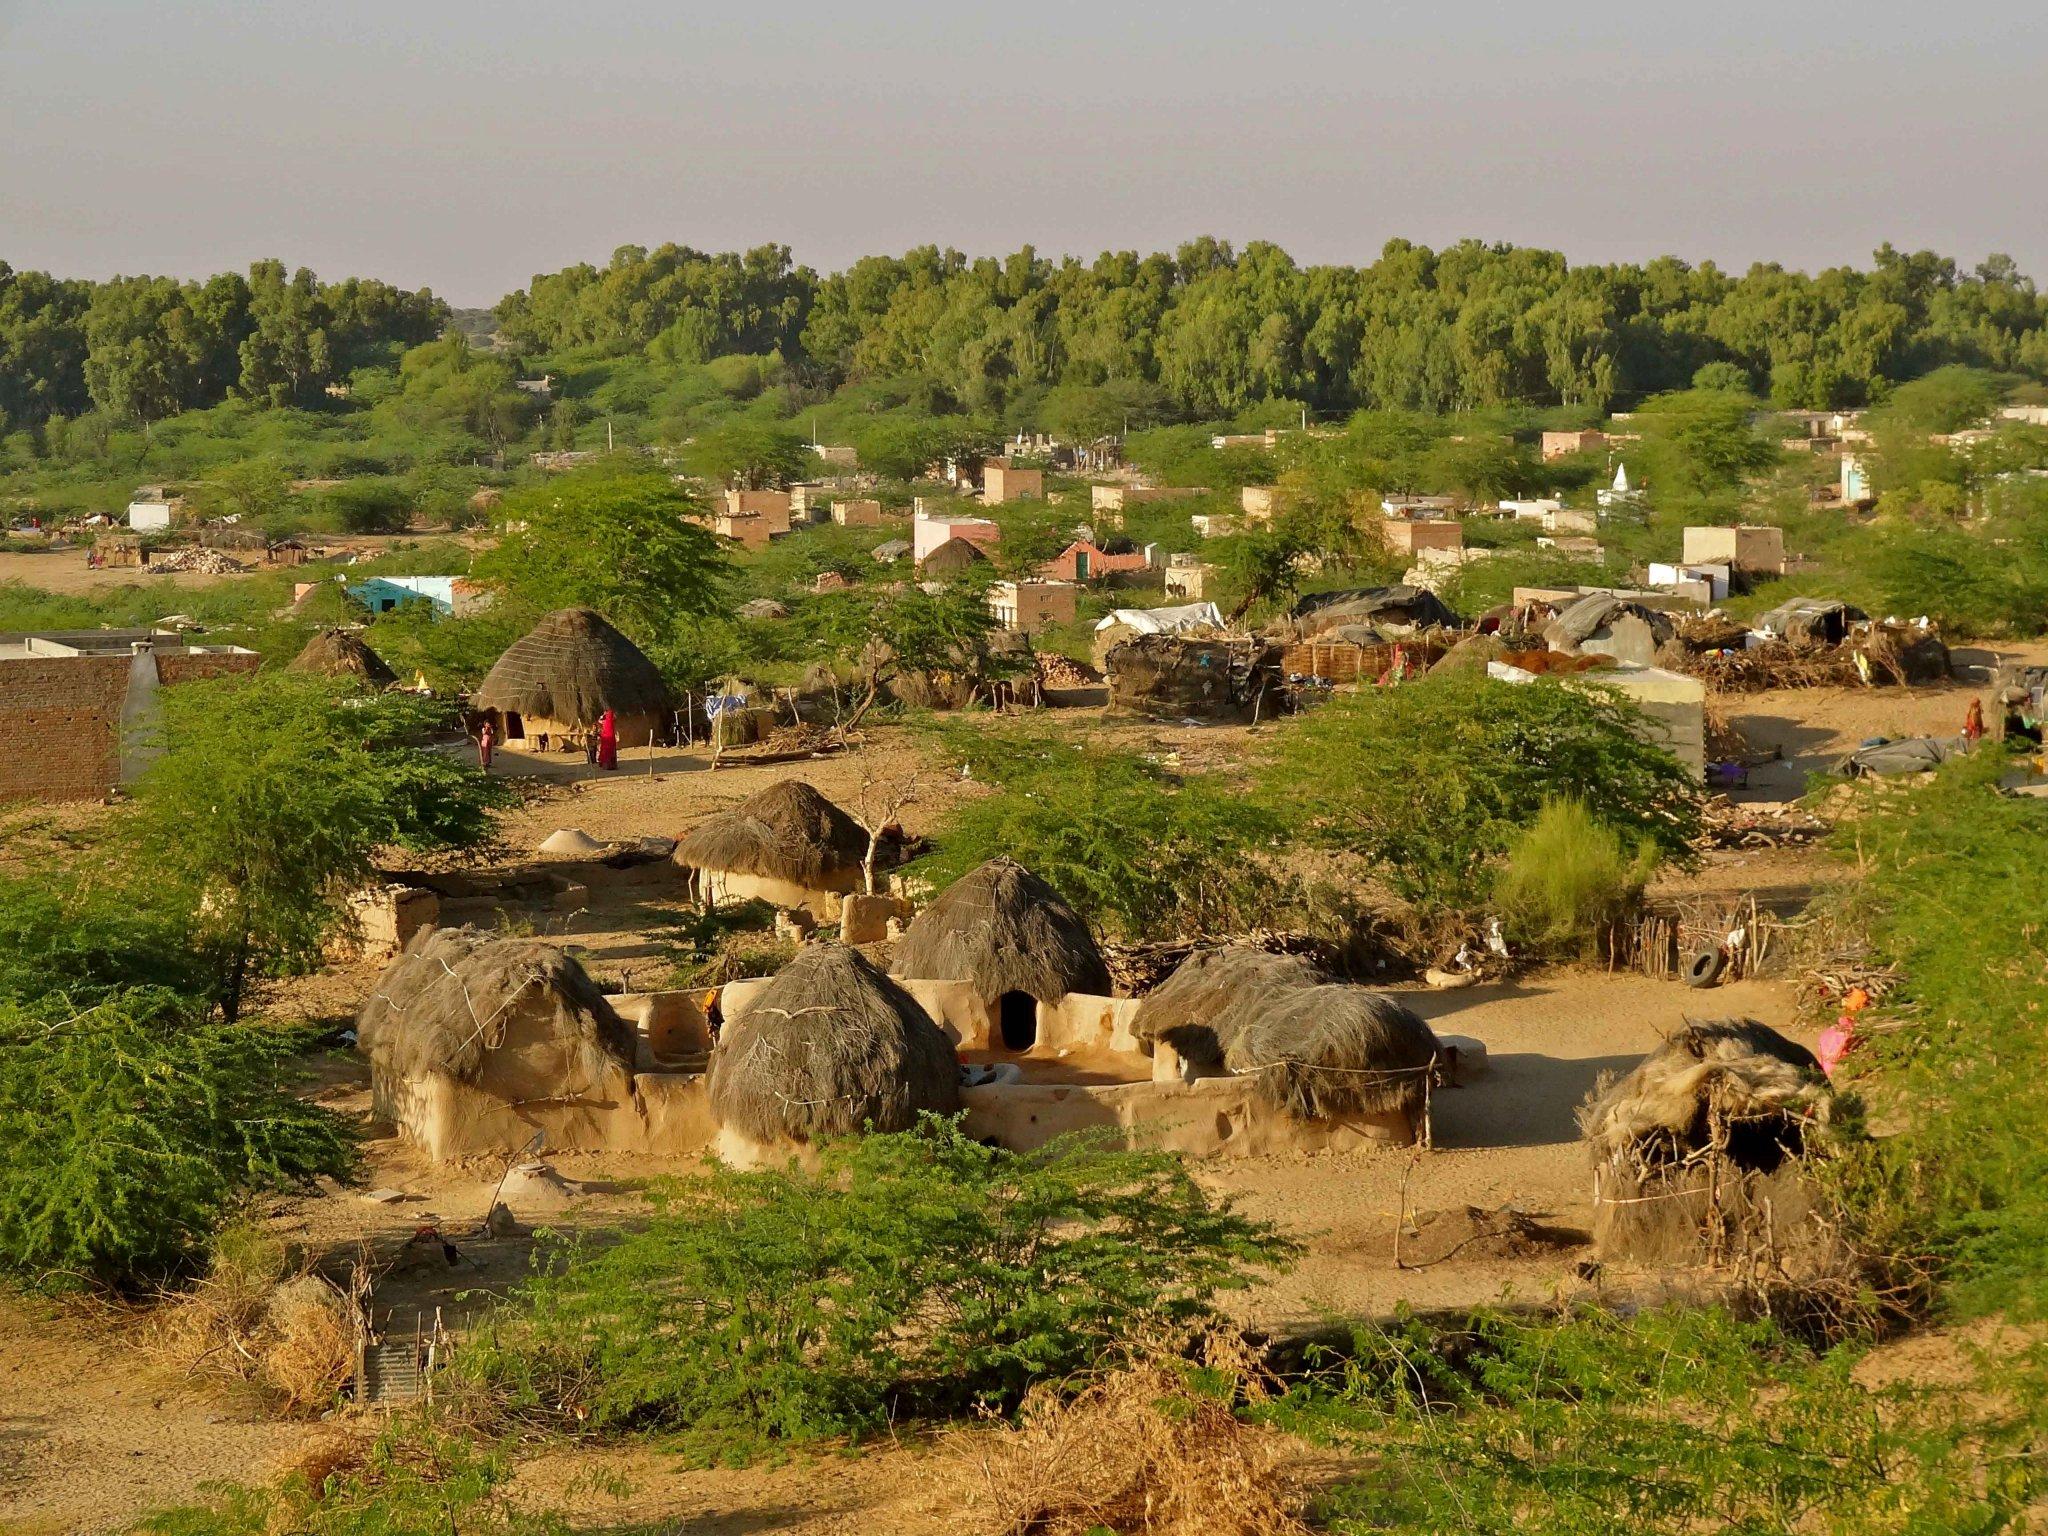 деревни в индии фото всего